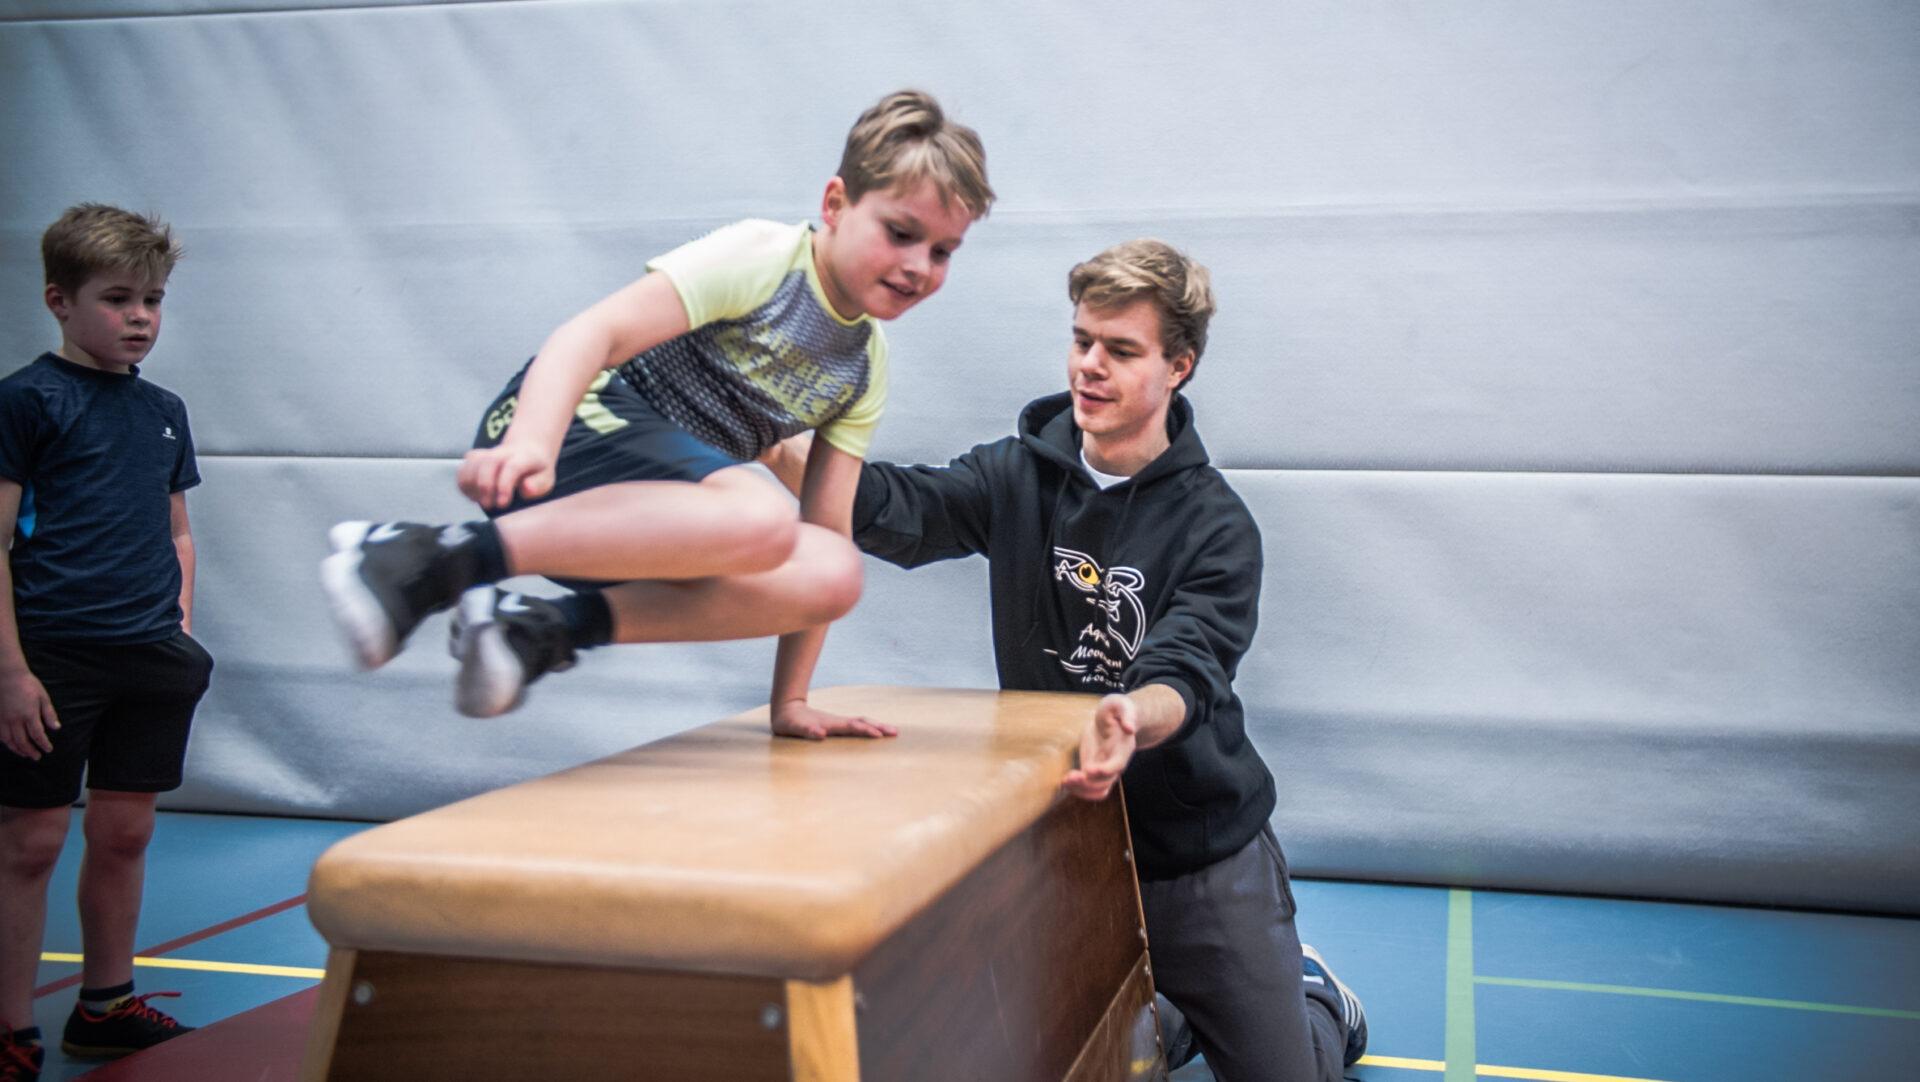 Trainer helpt kind met freerunnen bij freerun les